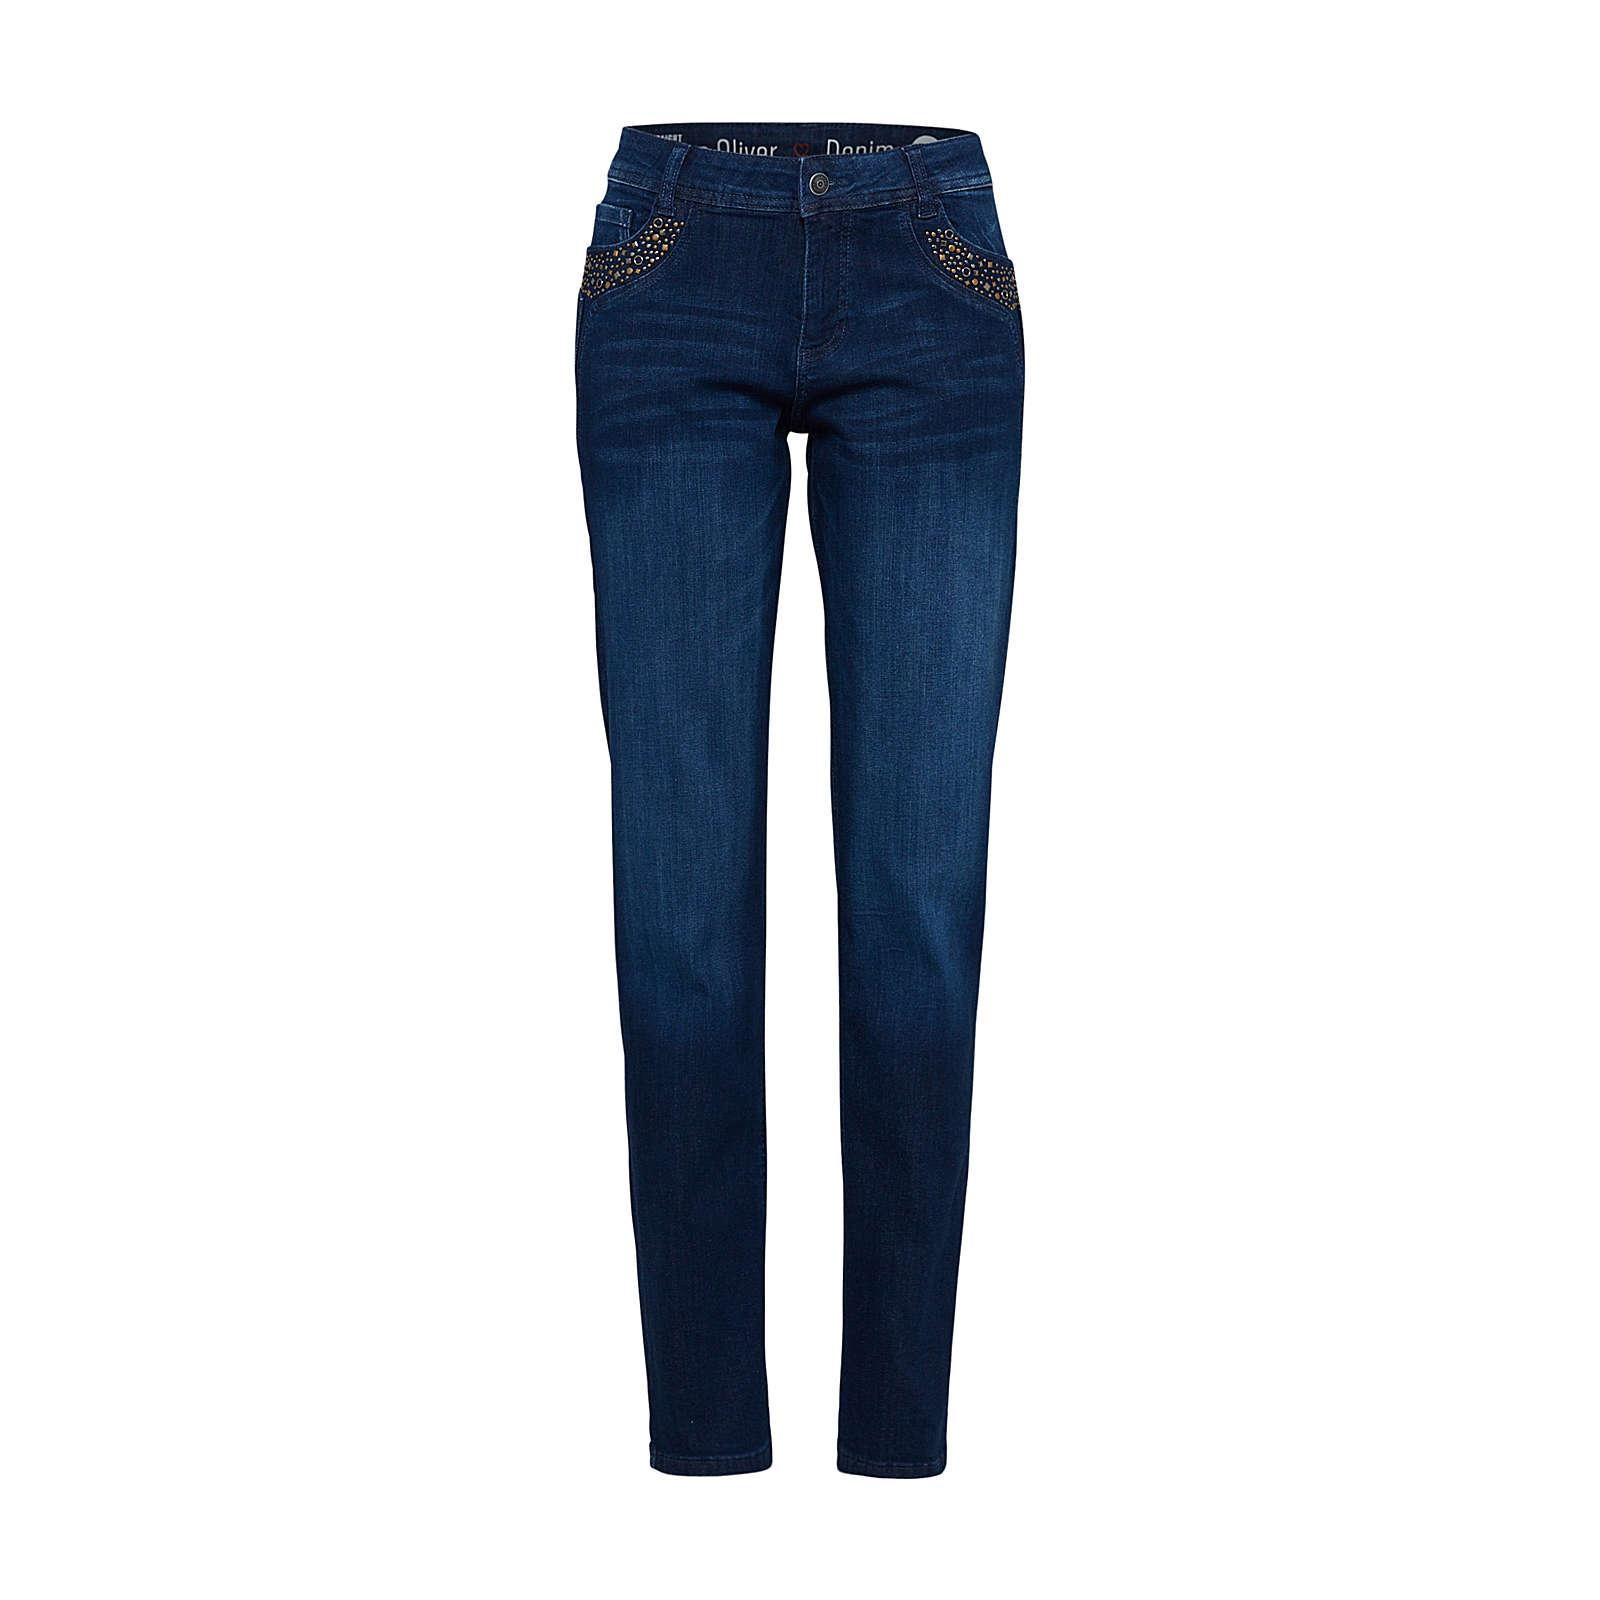 s.Oliver RED LABEL Jeans SMART STRAIGHT Jeanshosen blue denim Damen Gr. 36/L32